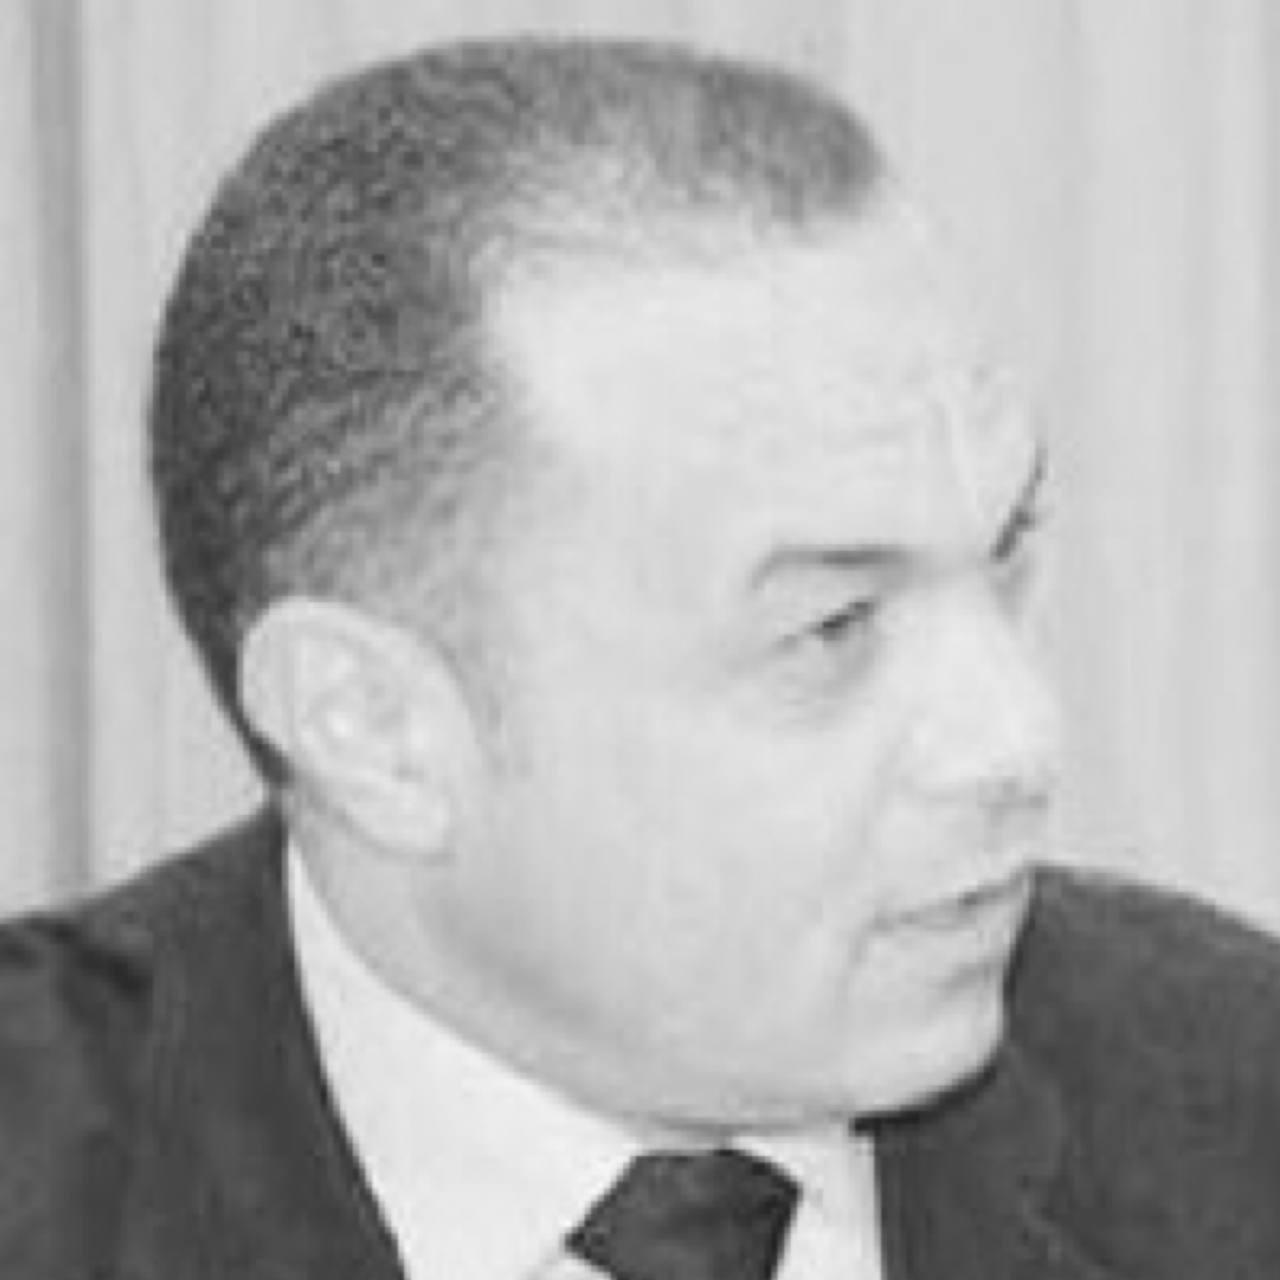 Hamdene Ezzeddine